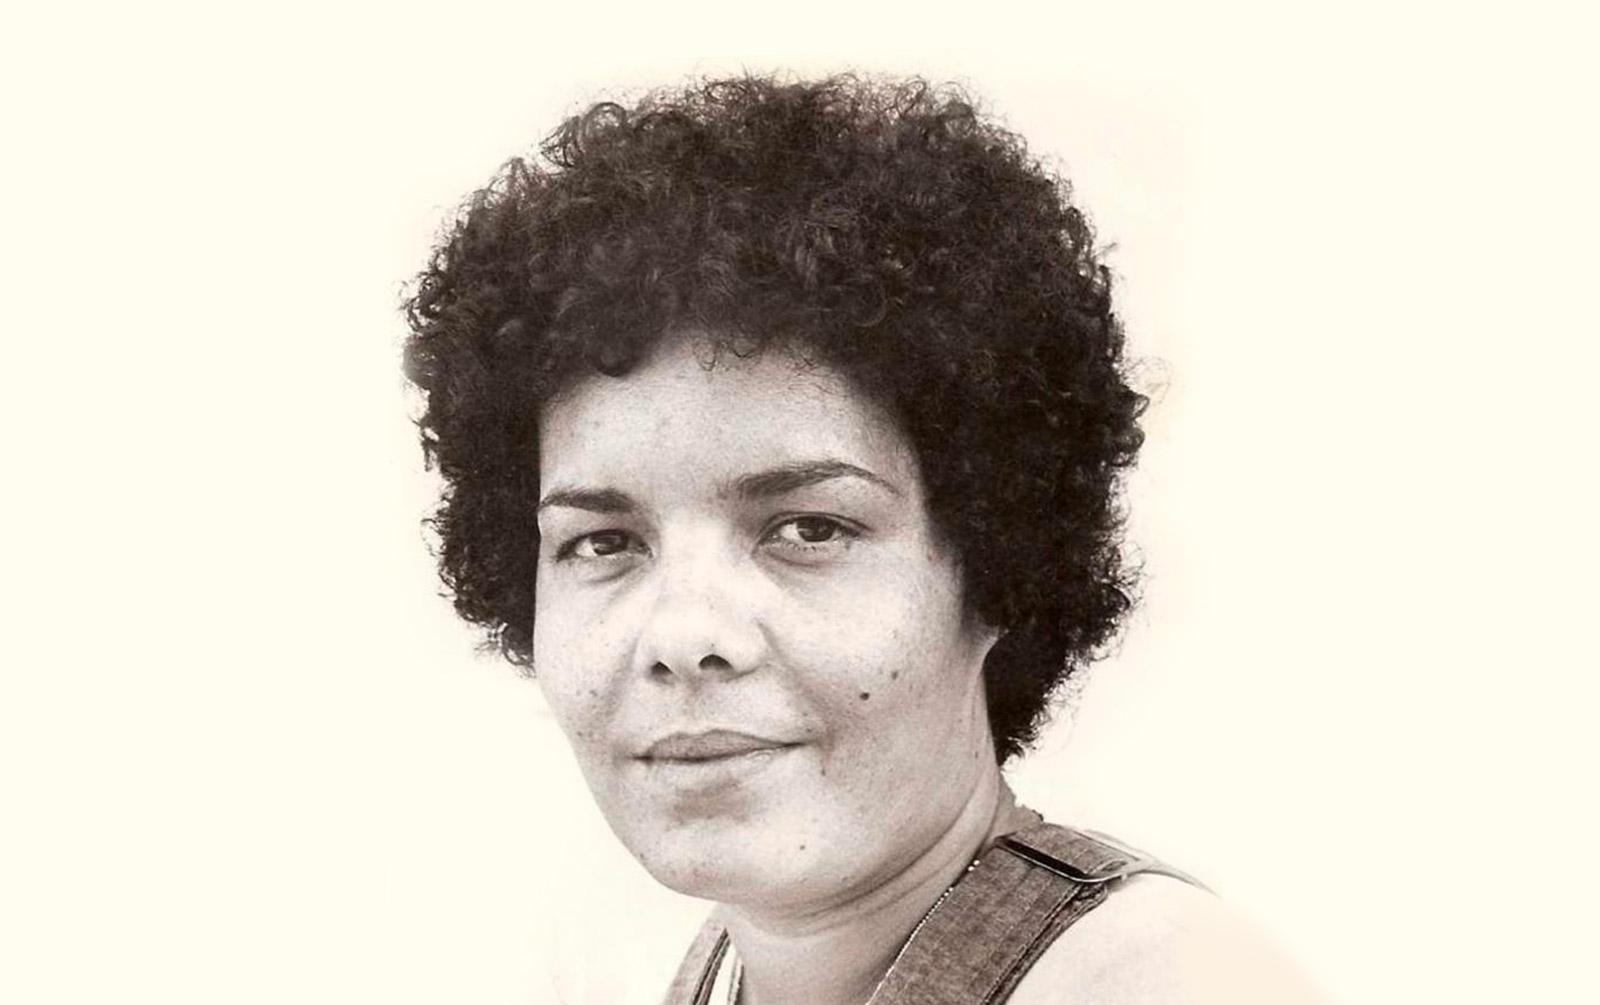 Diretora do primeiro filme de temática lésbica no Brasil será homenageada em Santos